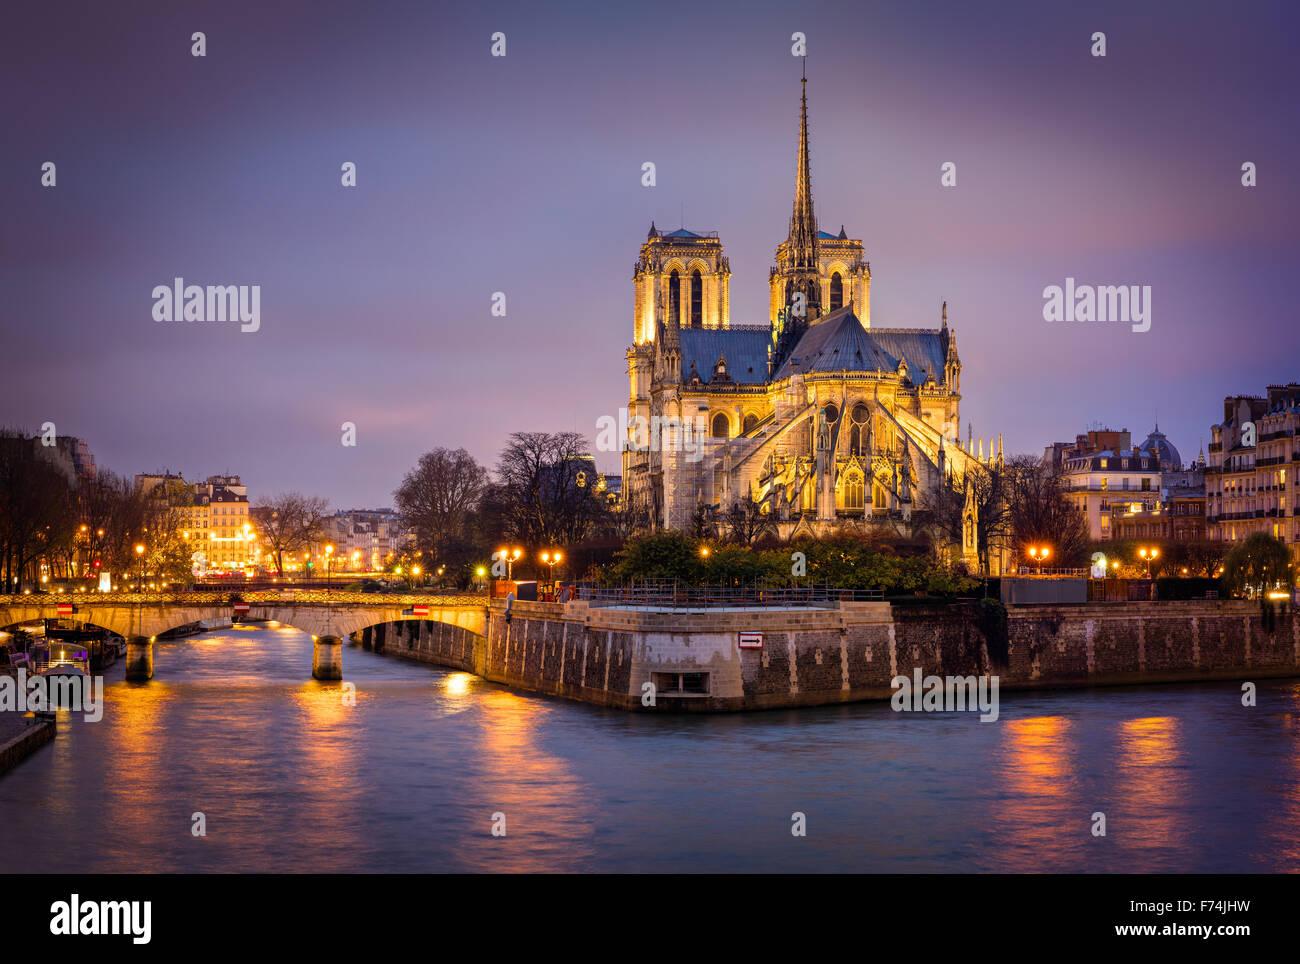 Cathédrale illuminée de Notre Dame sur l'Ile de La Cité avec le Pont de l'archevêque Photo Stock